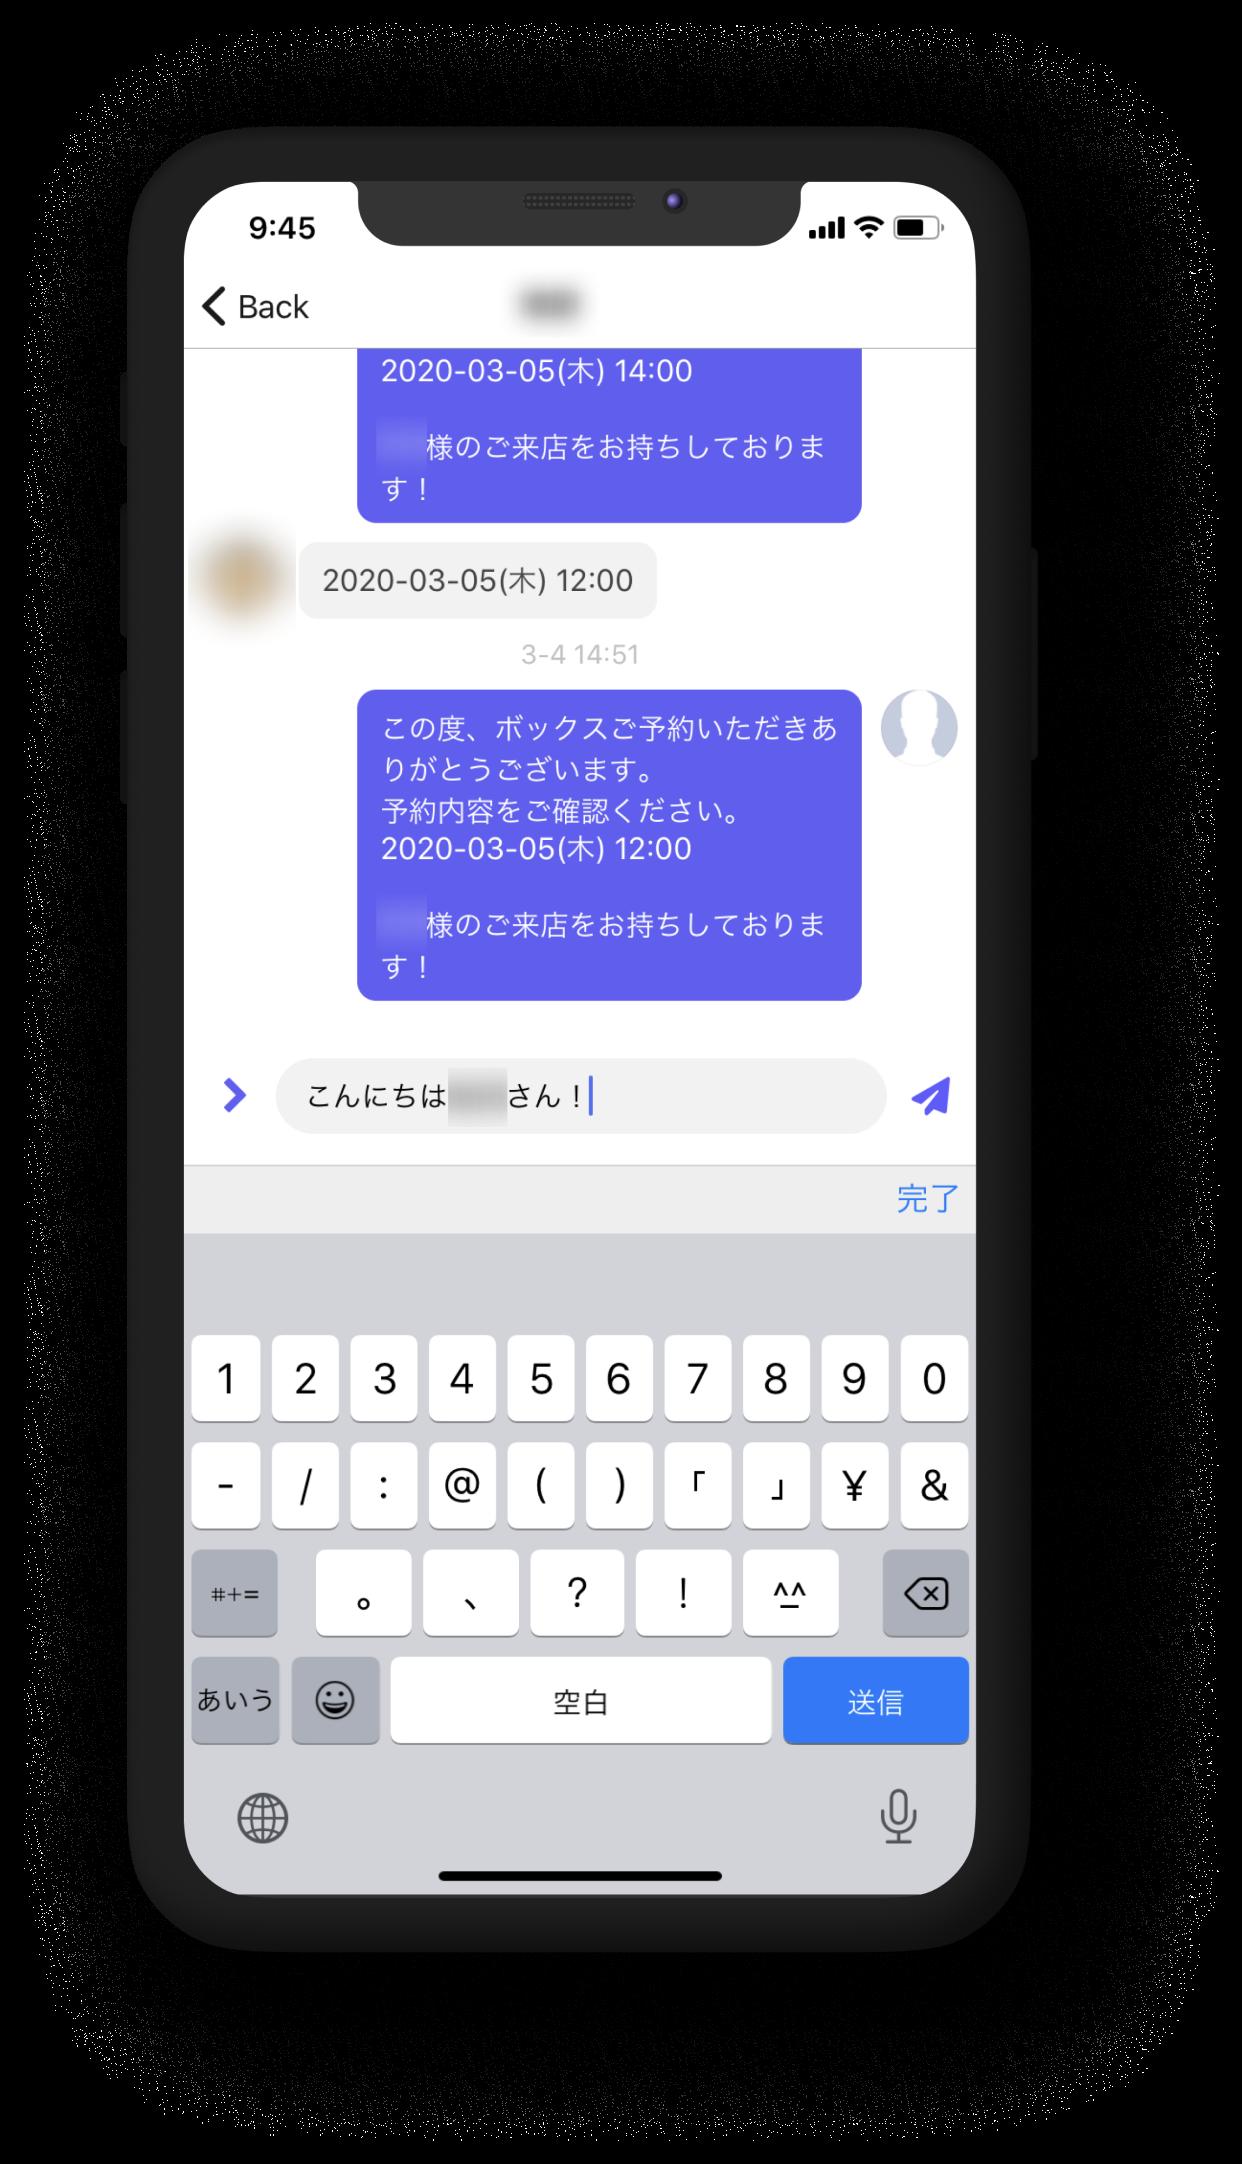 anybot 公式アプリのログイン